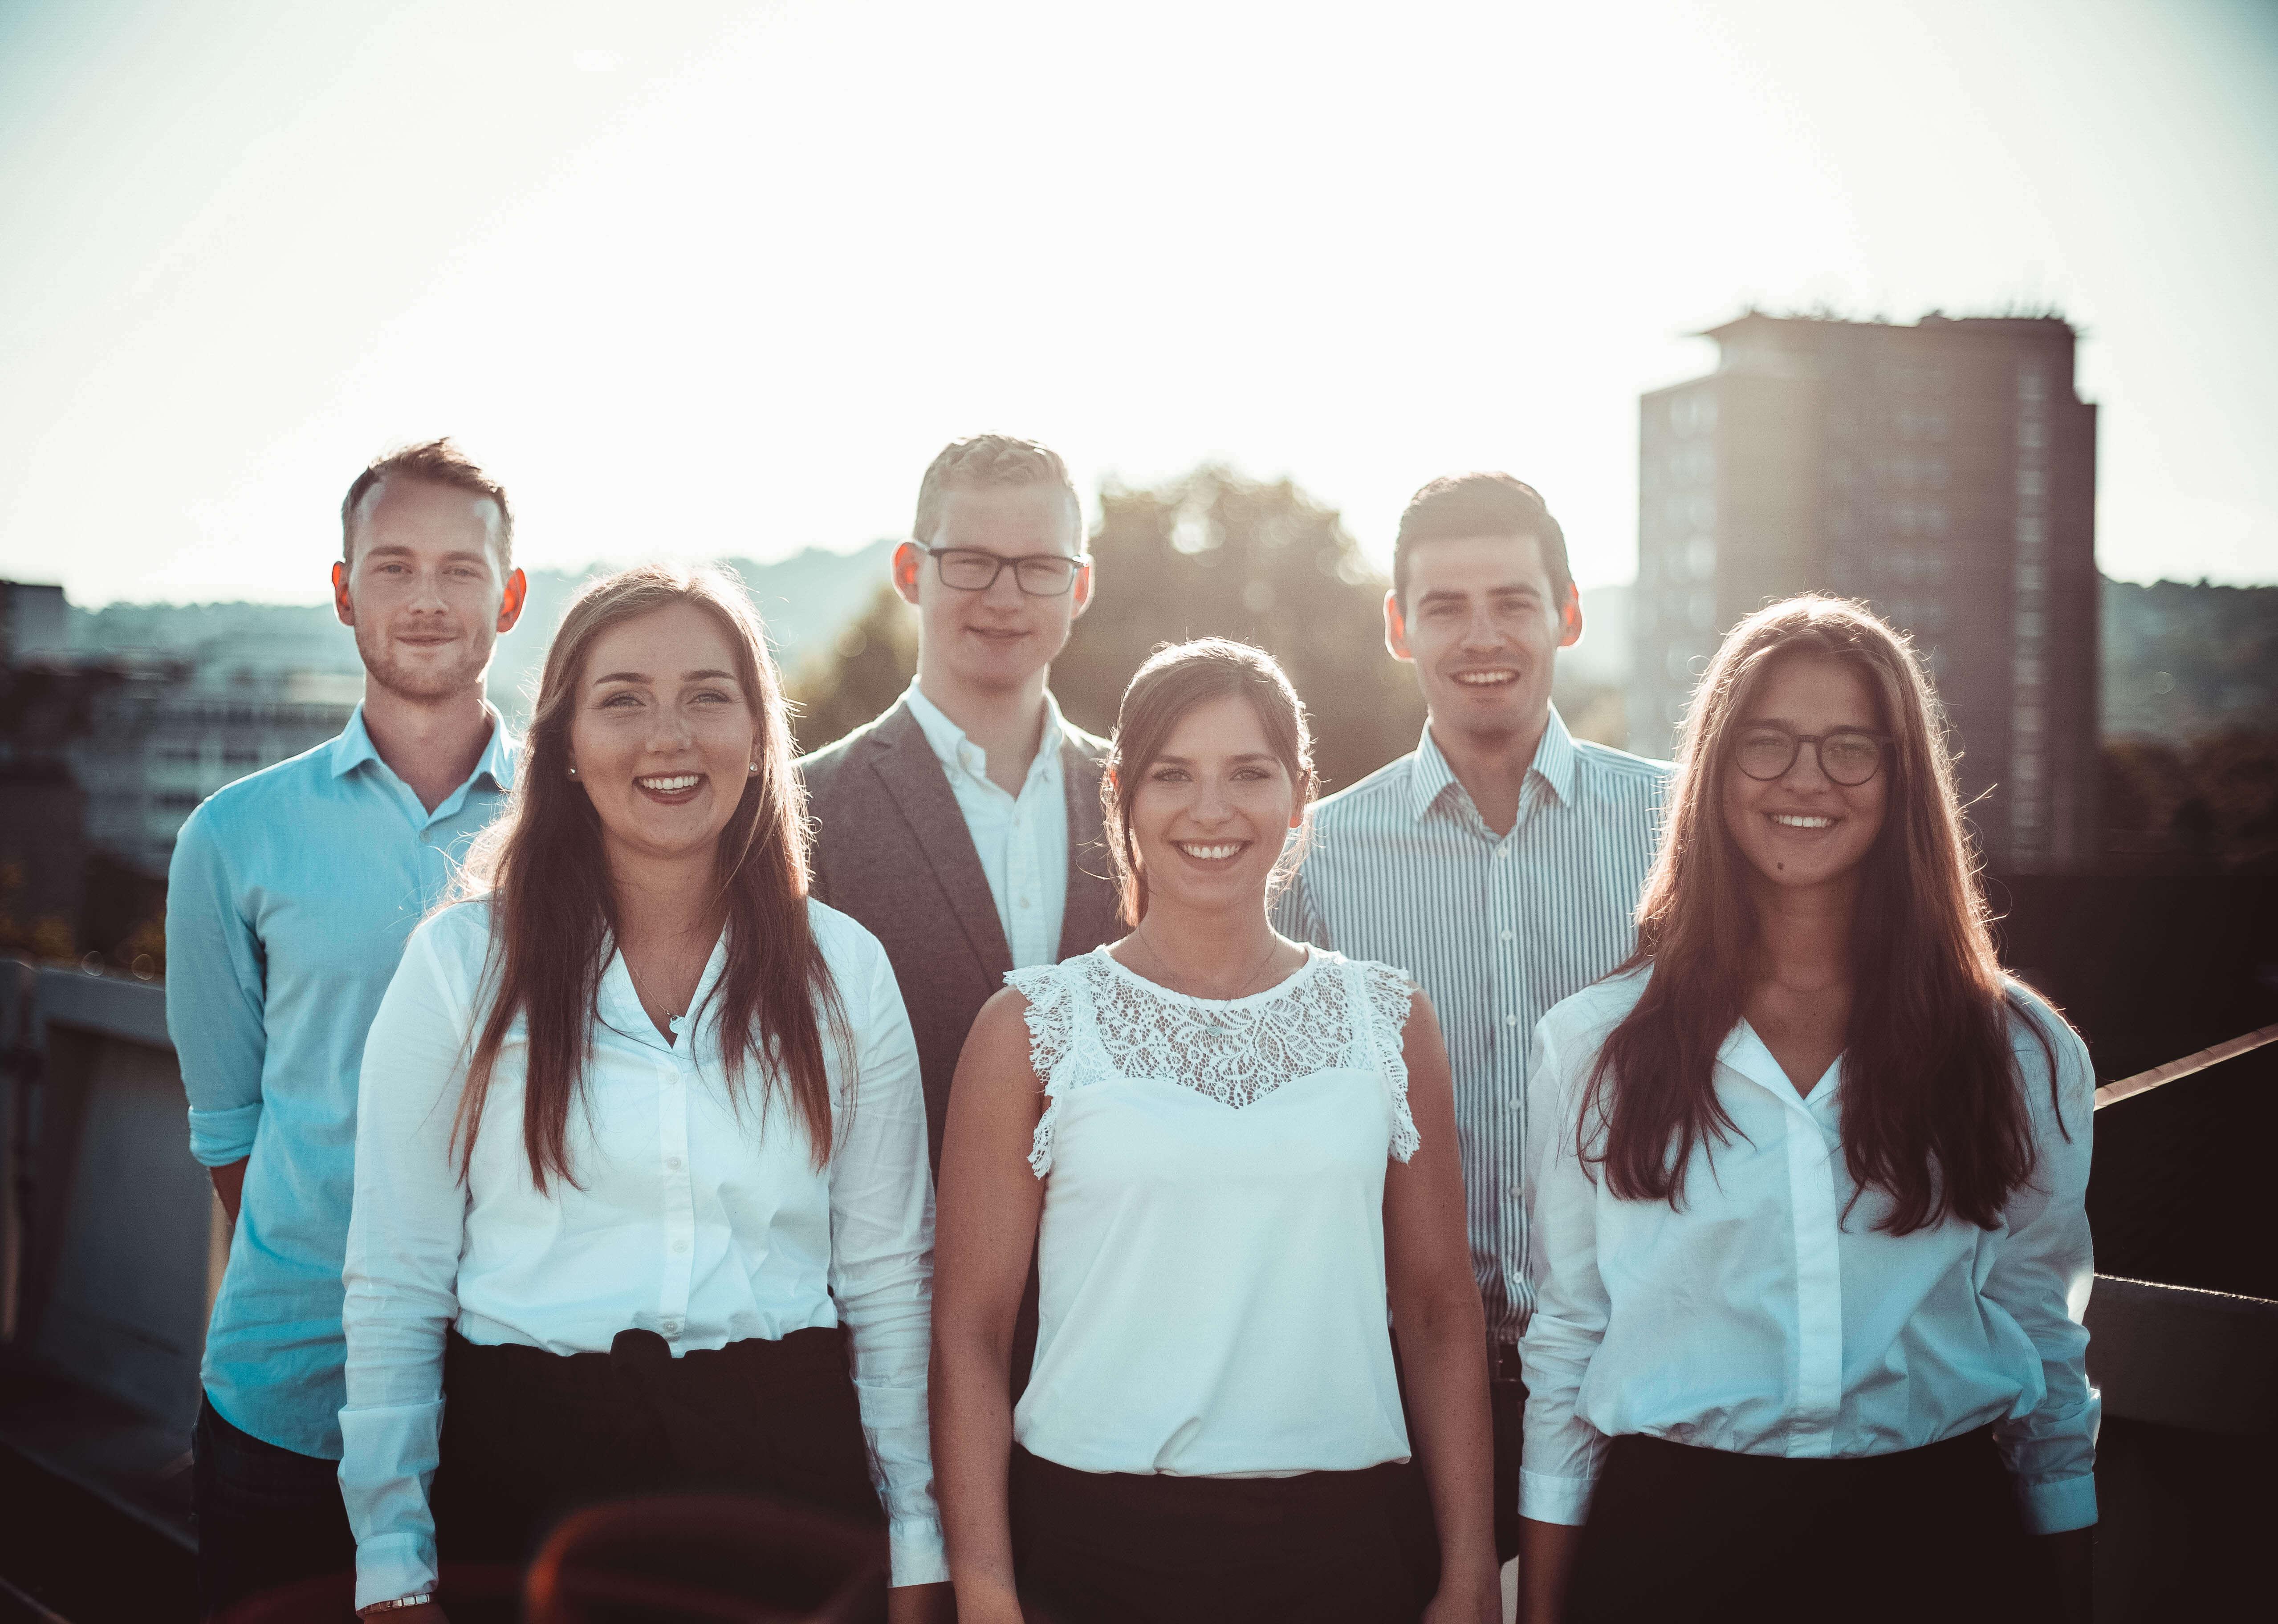 Moritz Motz, Paul Welter, Christian John, Theresa Fetzer, Nico Vetter, Jessica Schenk